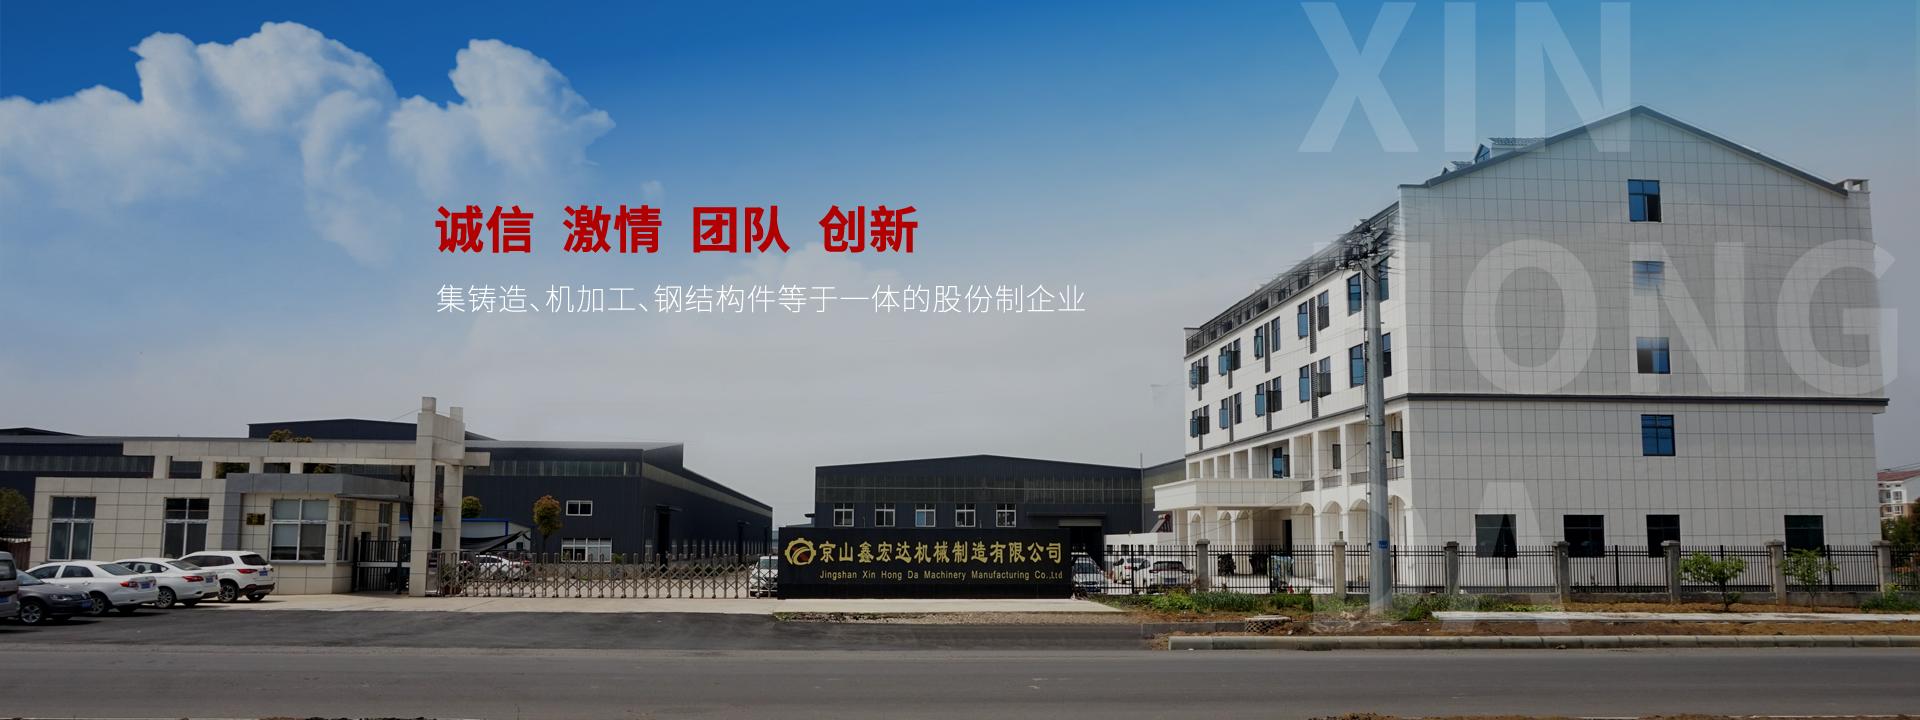 京山鑫宏達機械制造有限公司